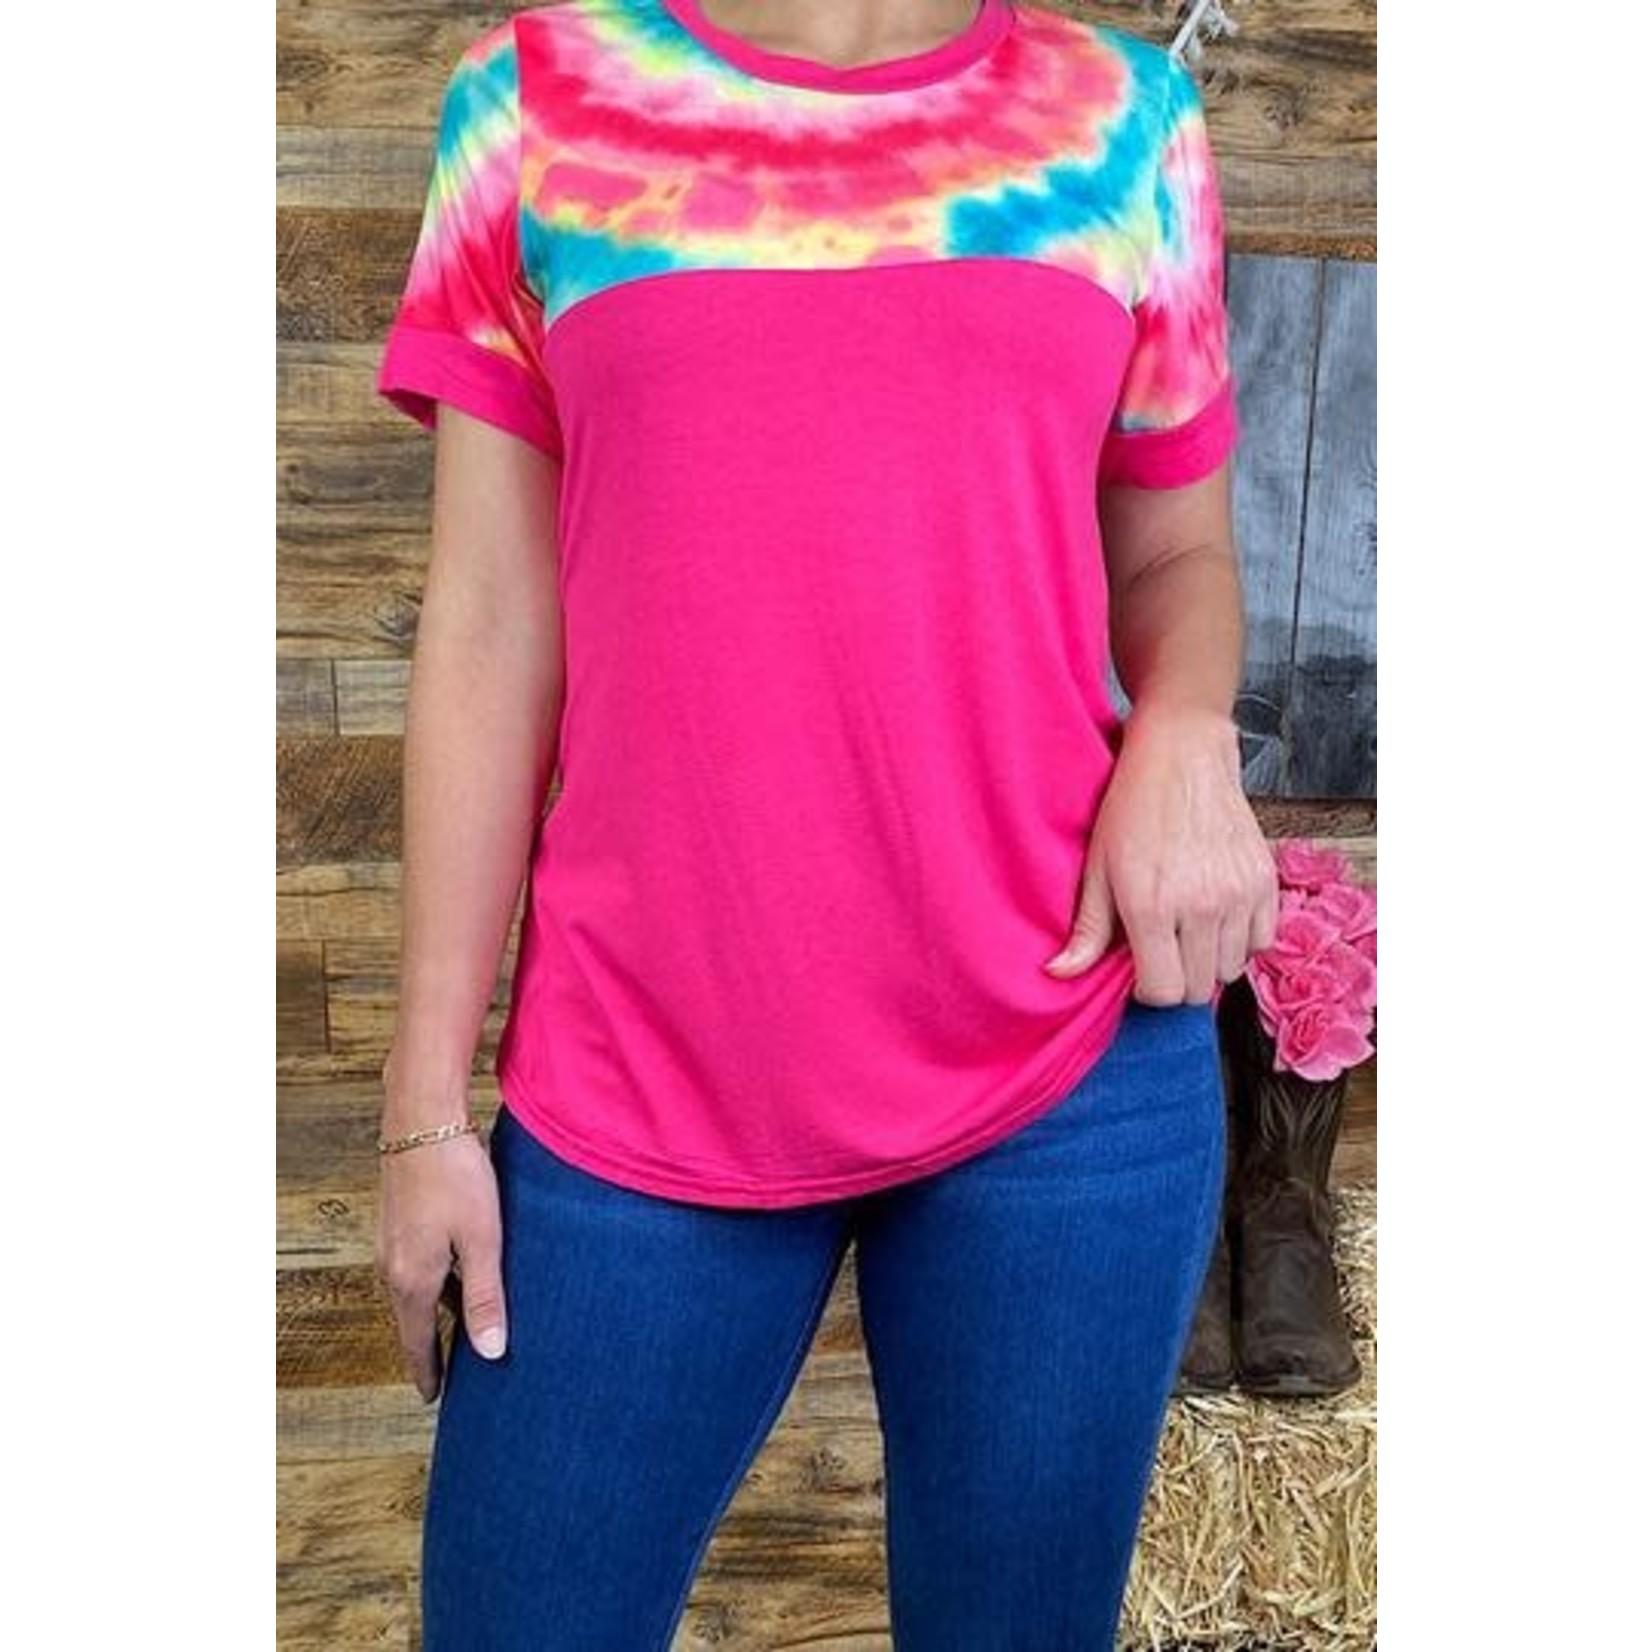 Southern Stitch Pink Tie Dye Top